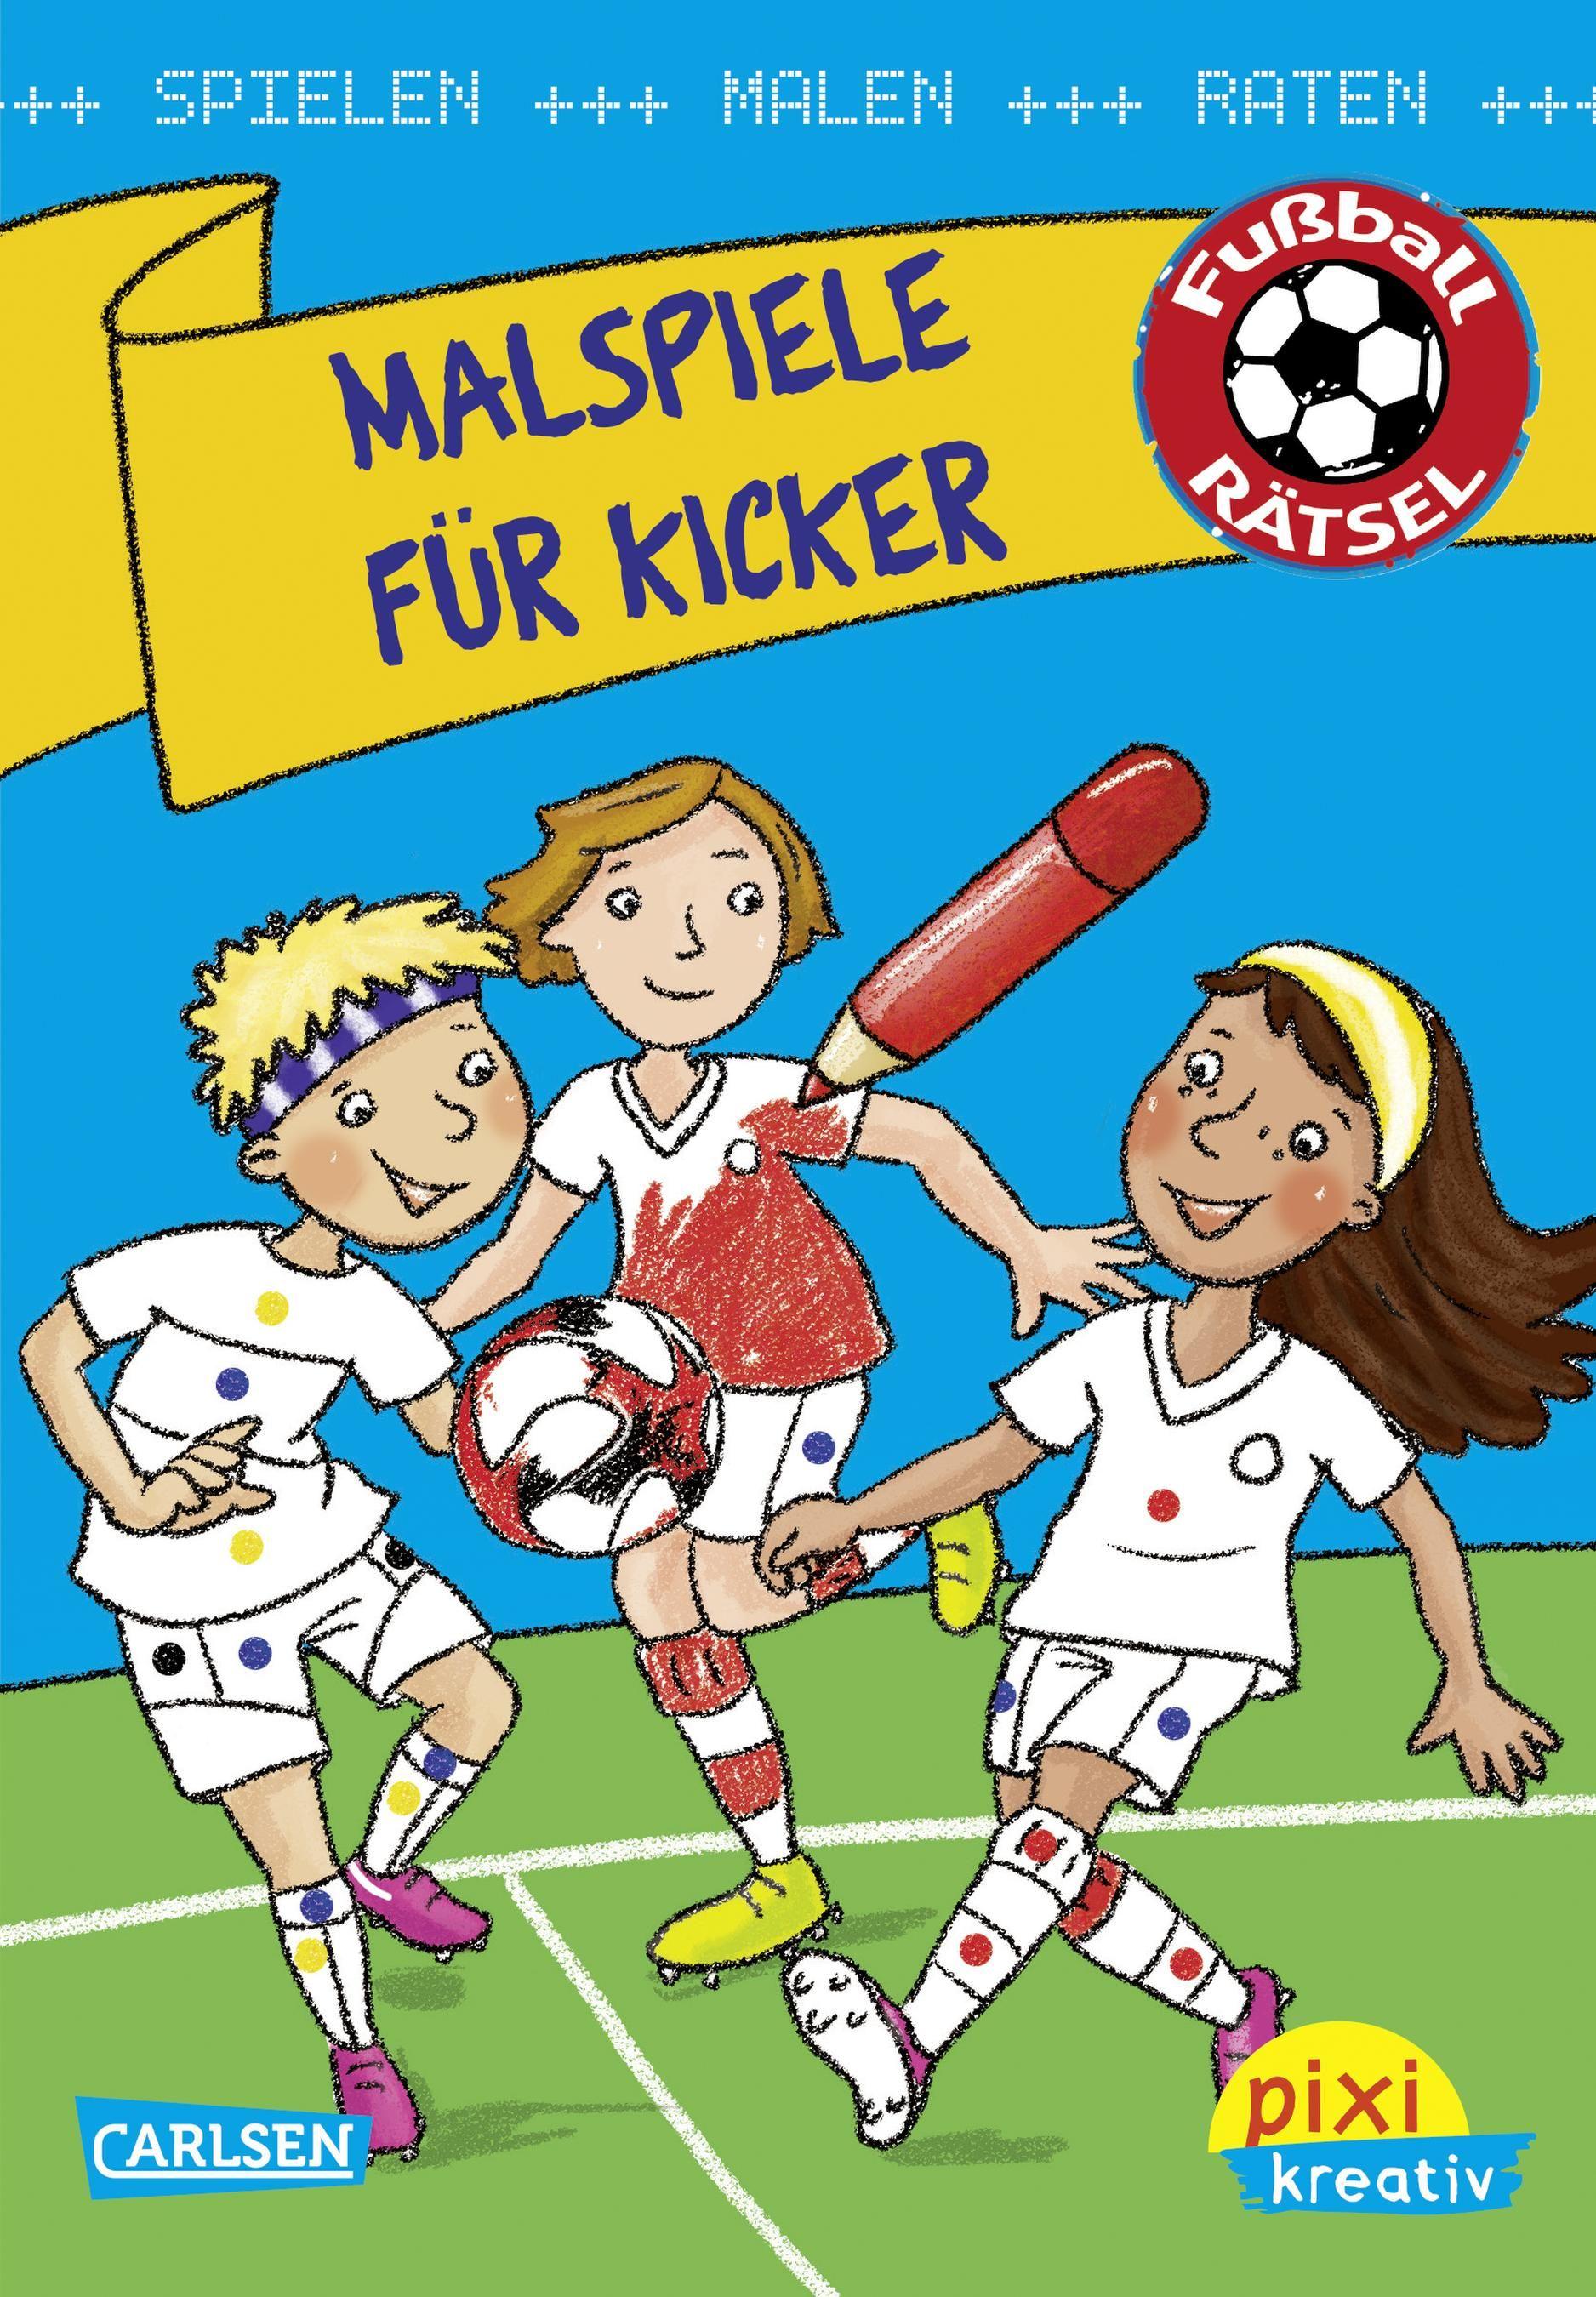 Pixi kreativ 107: VE 5 Malspiele für Kicker: Spielen, malen, raten wi